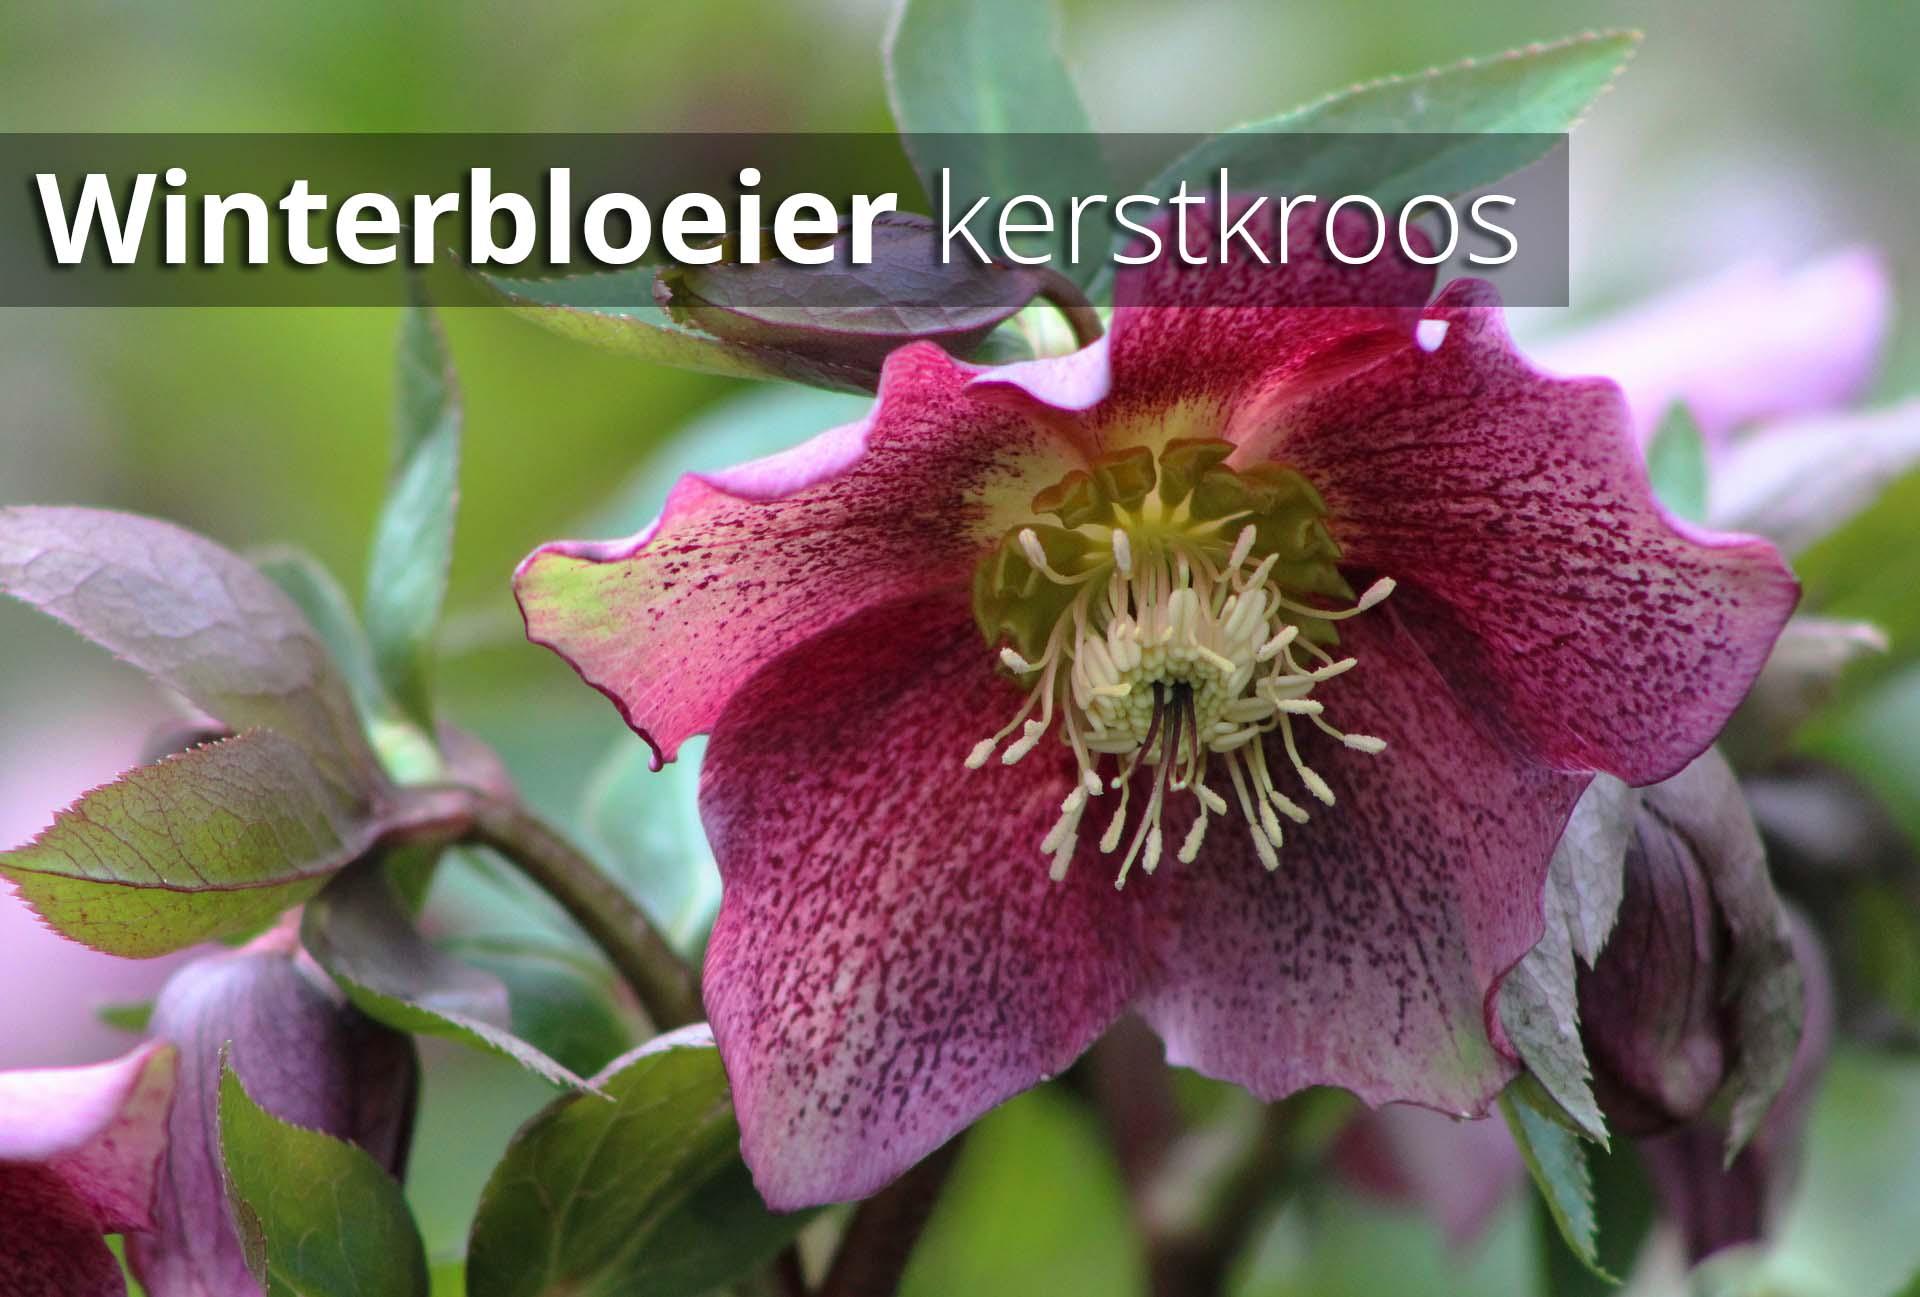 Hoefakker Tuinonderhoud september Plant winterbloeier kerstkroos